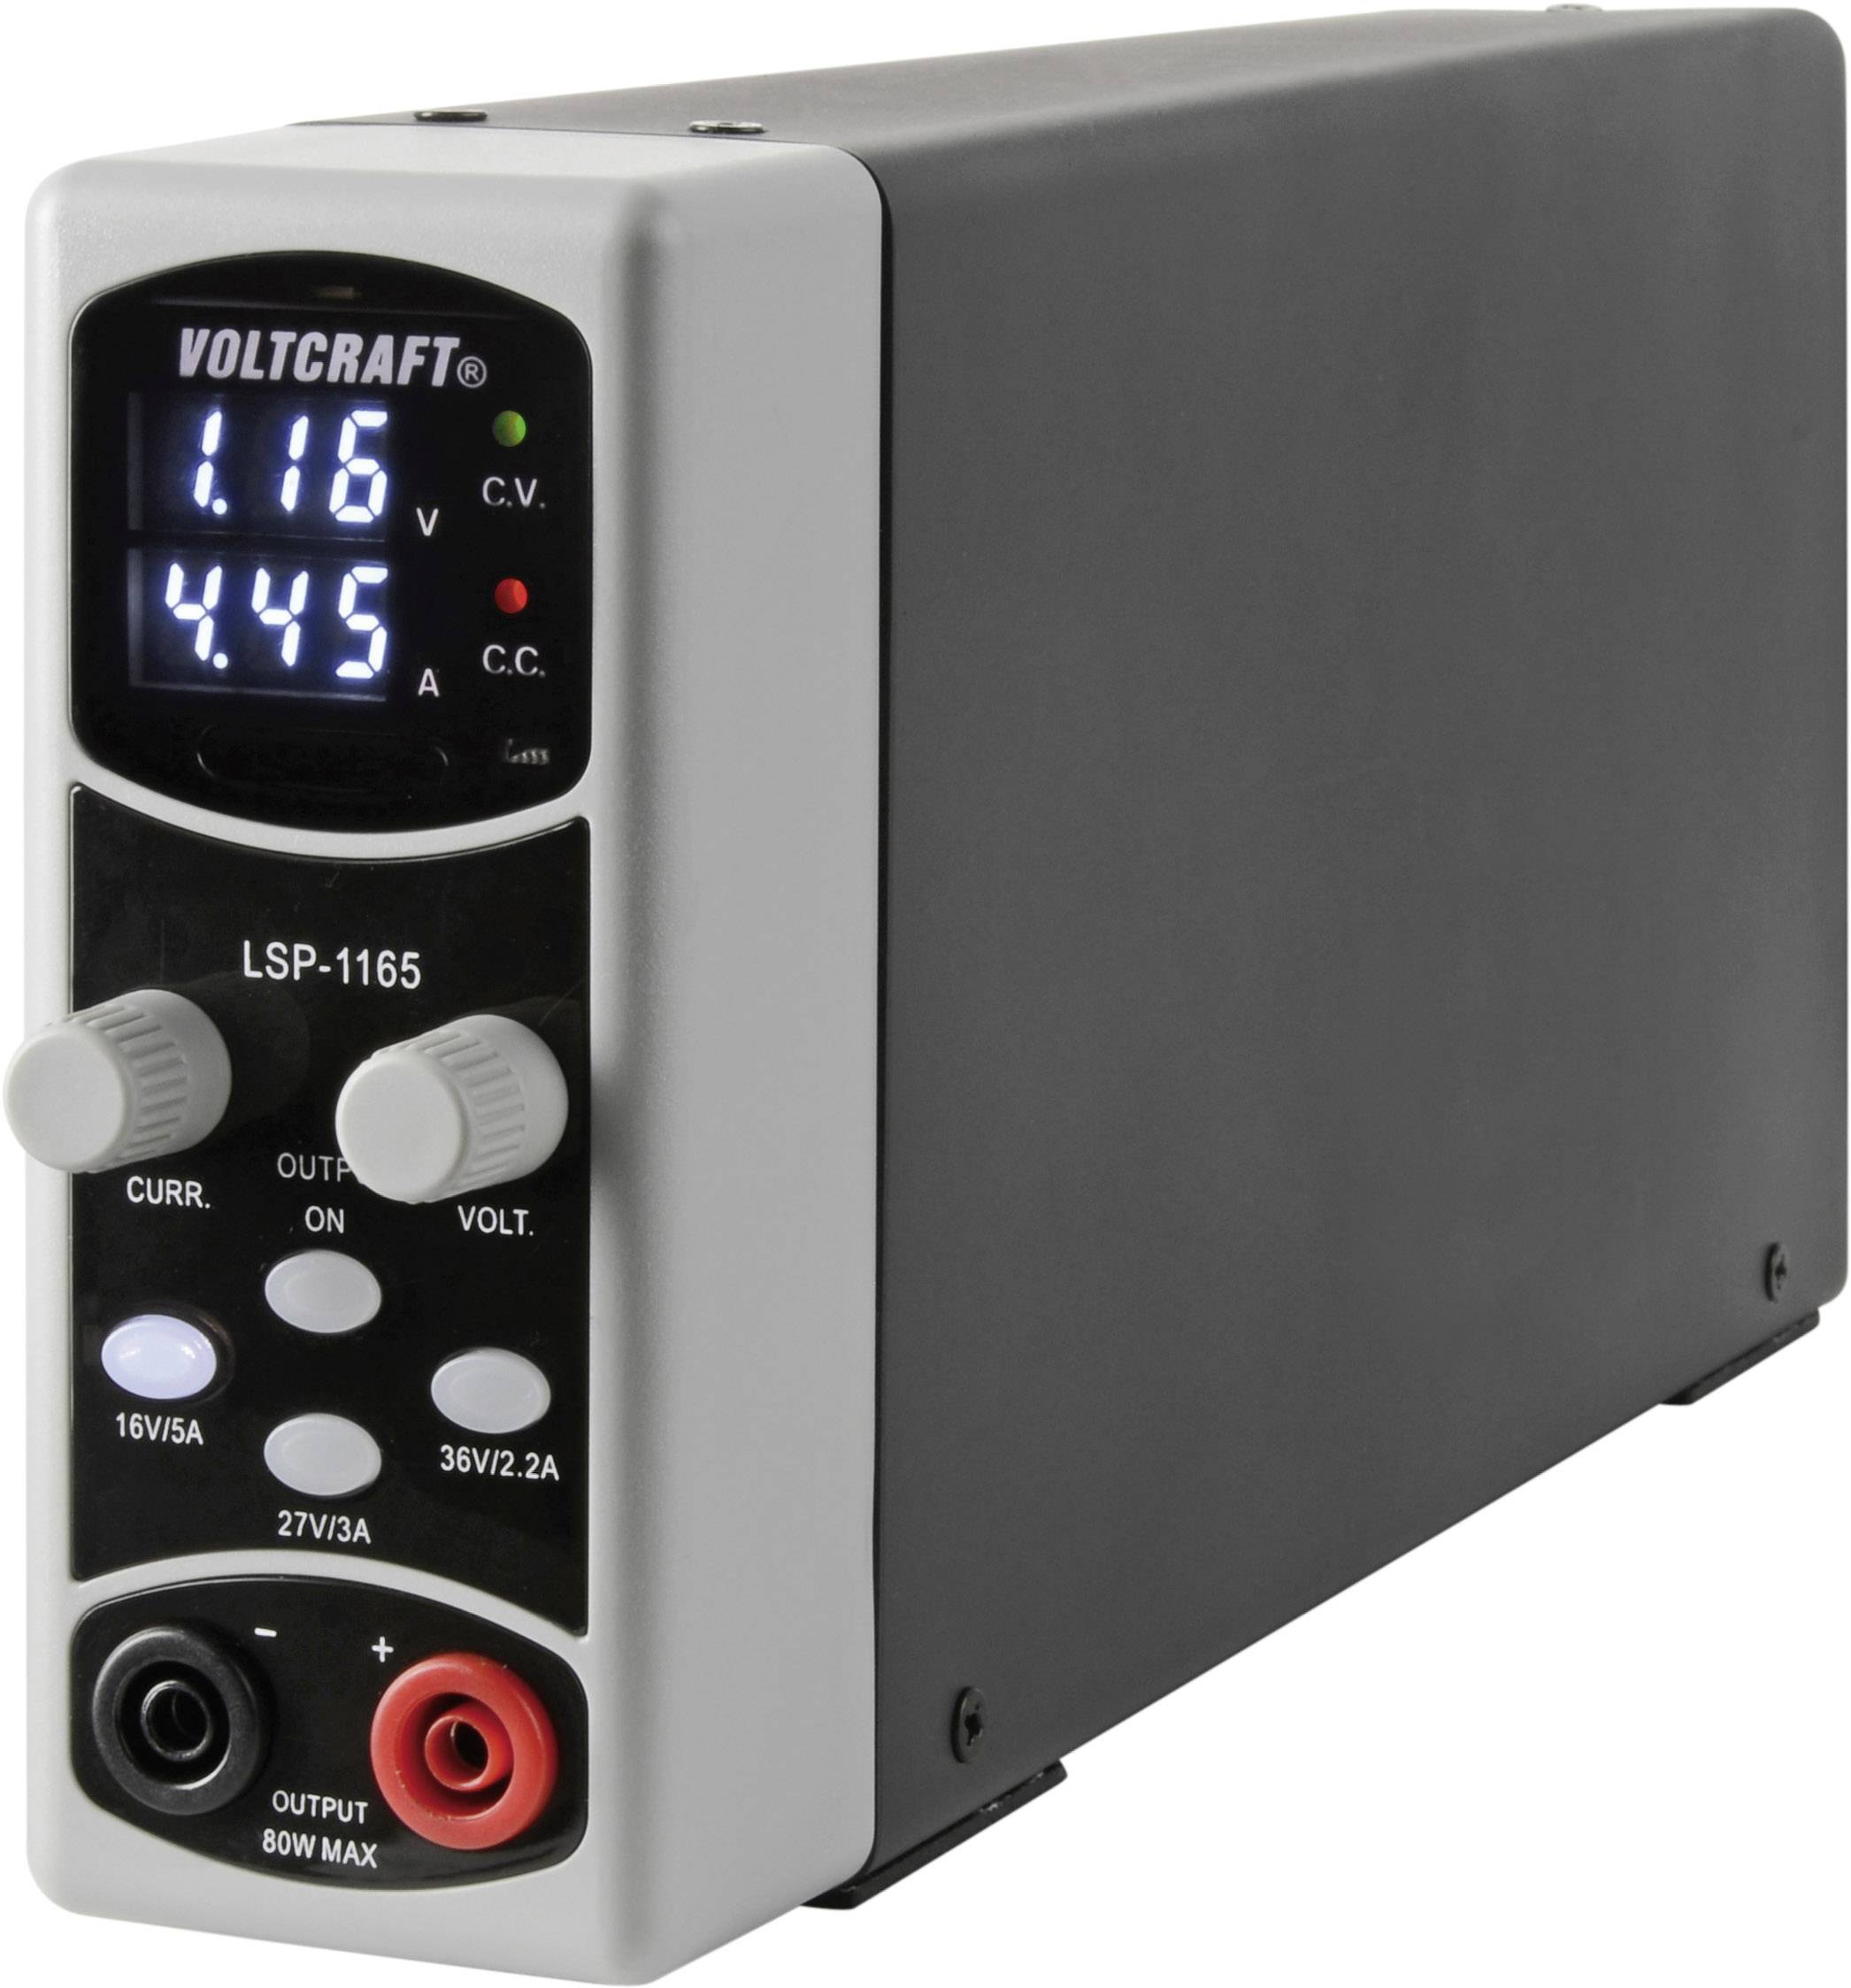 Laboratórny napájací zdroj Voltcraft LSP-1165, 0,1 - 36 V / DC, 5 A, 80 W